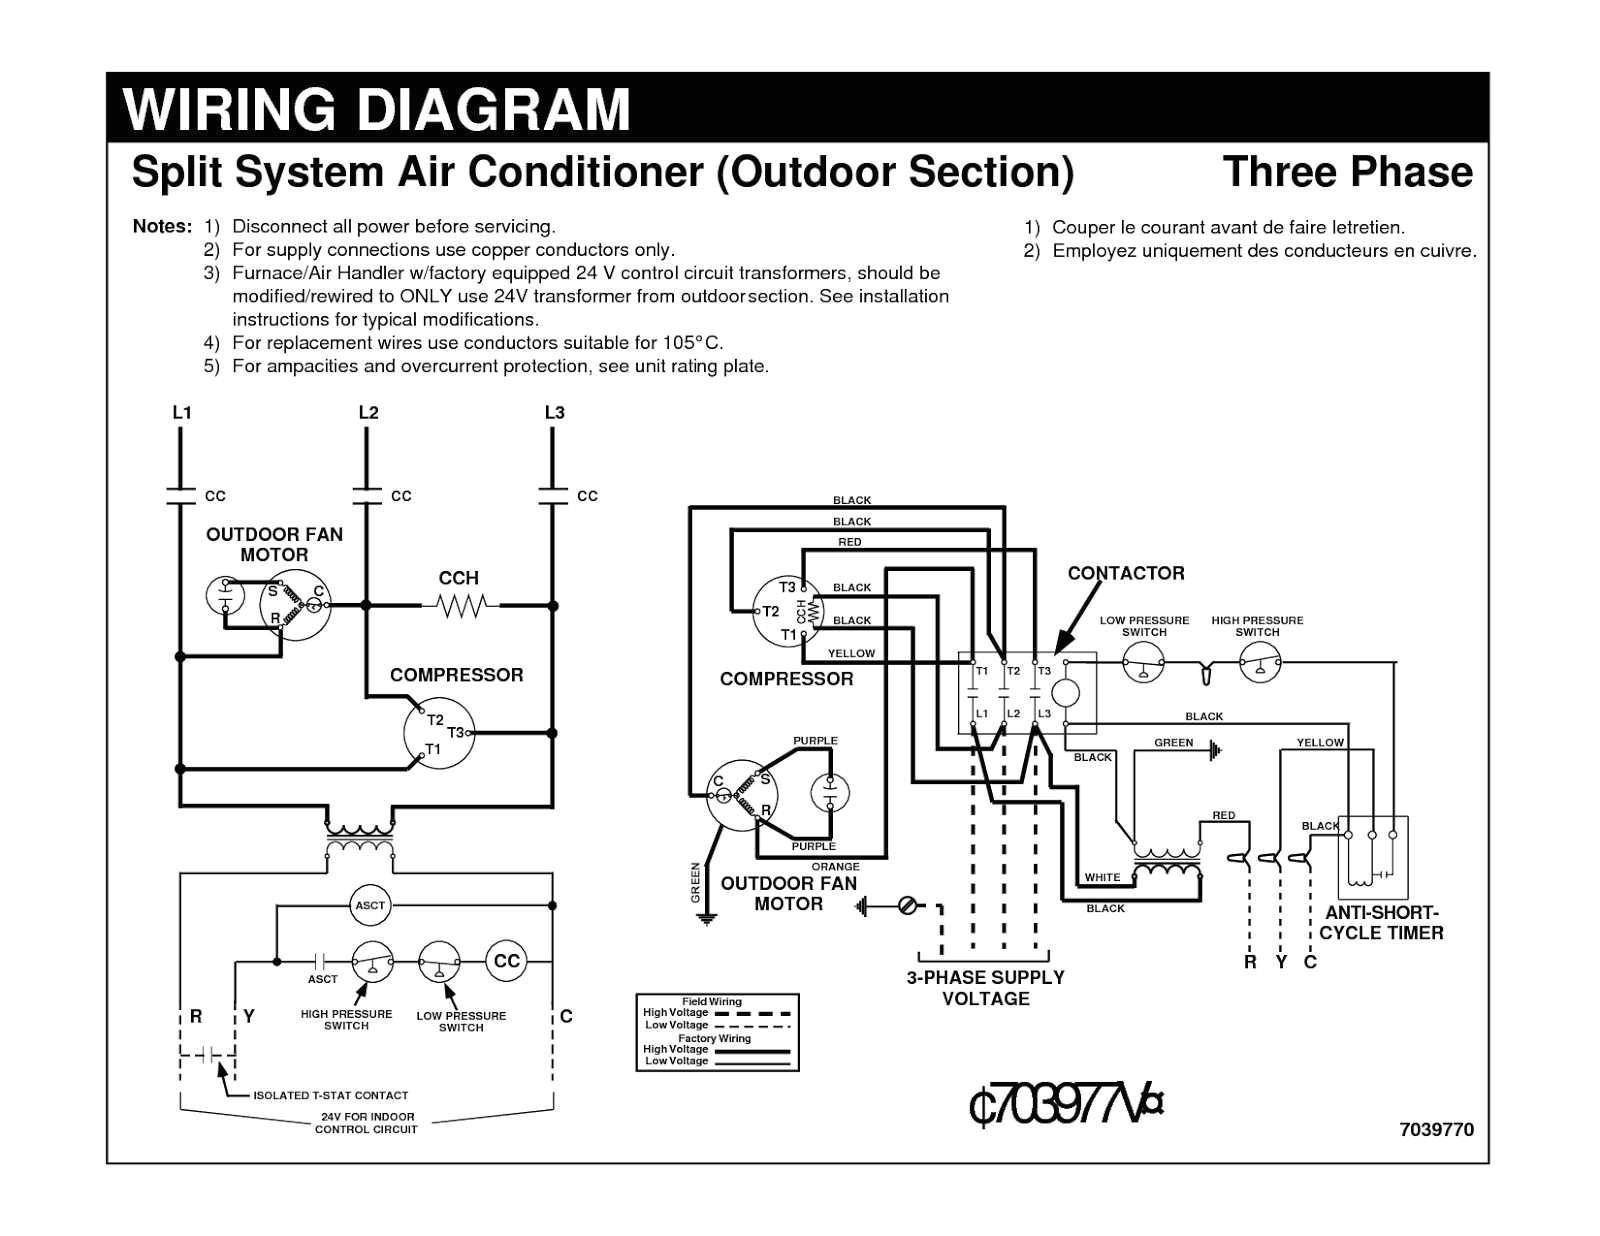 hvac electrical wiring diagrams wiring diagram paper hvac electrical wiring diagram kia sportage